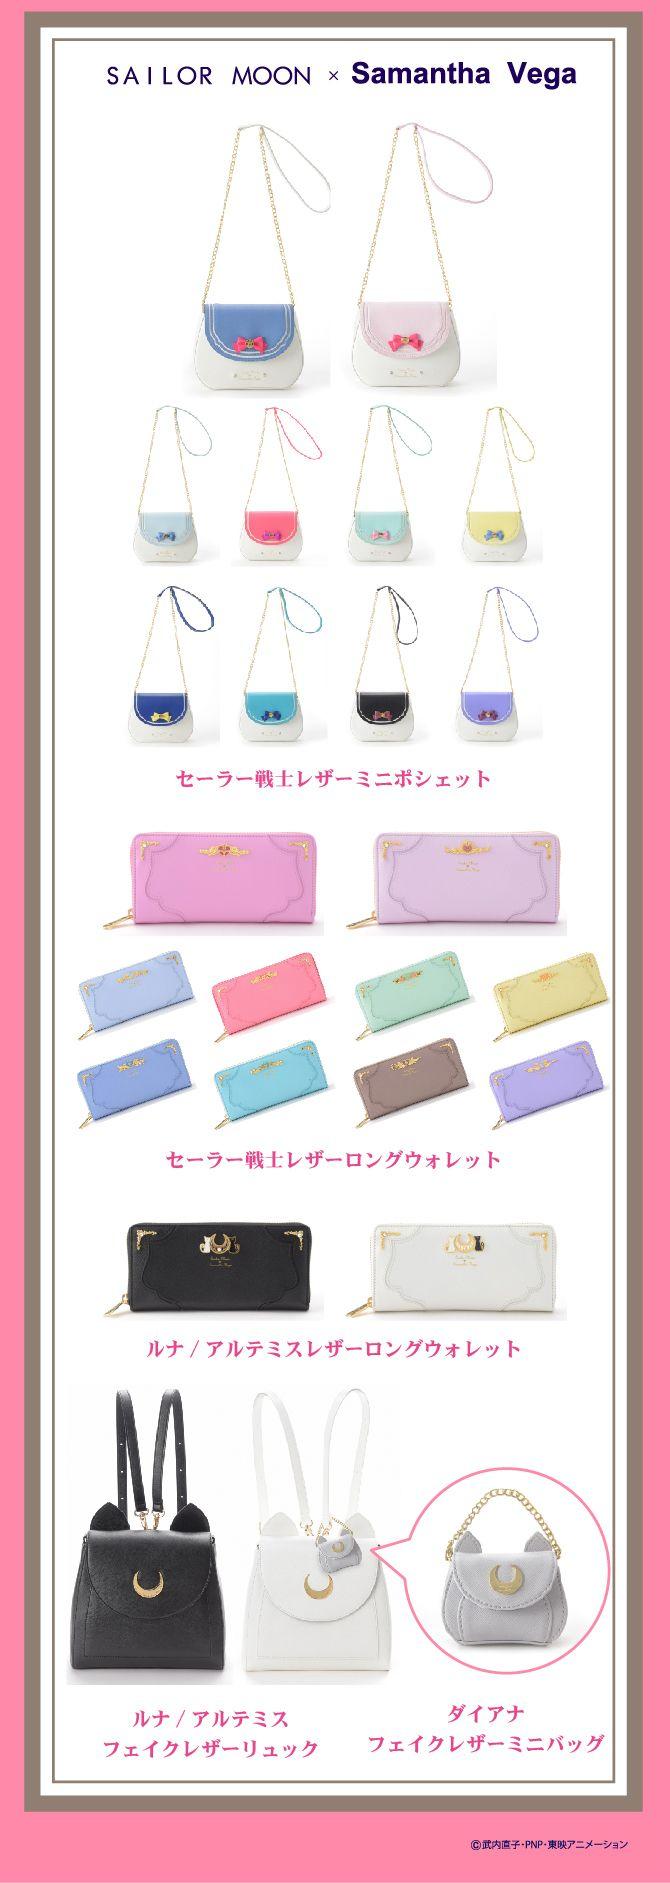 NEW Sailor Moon x Samantha Vega Collaboration: bags, wallets and backpacks!!- sailor moon collectibles